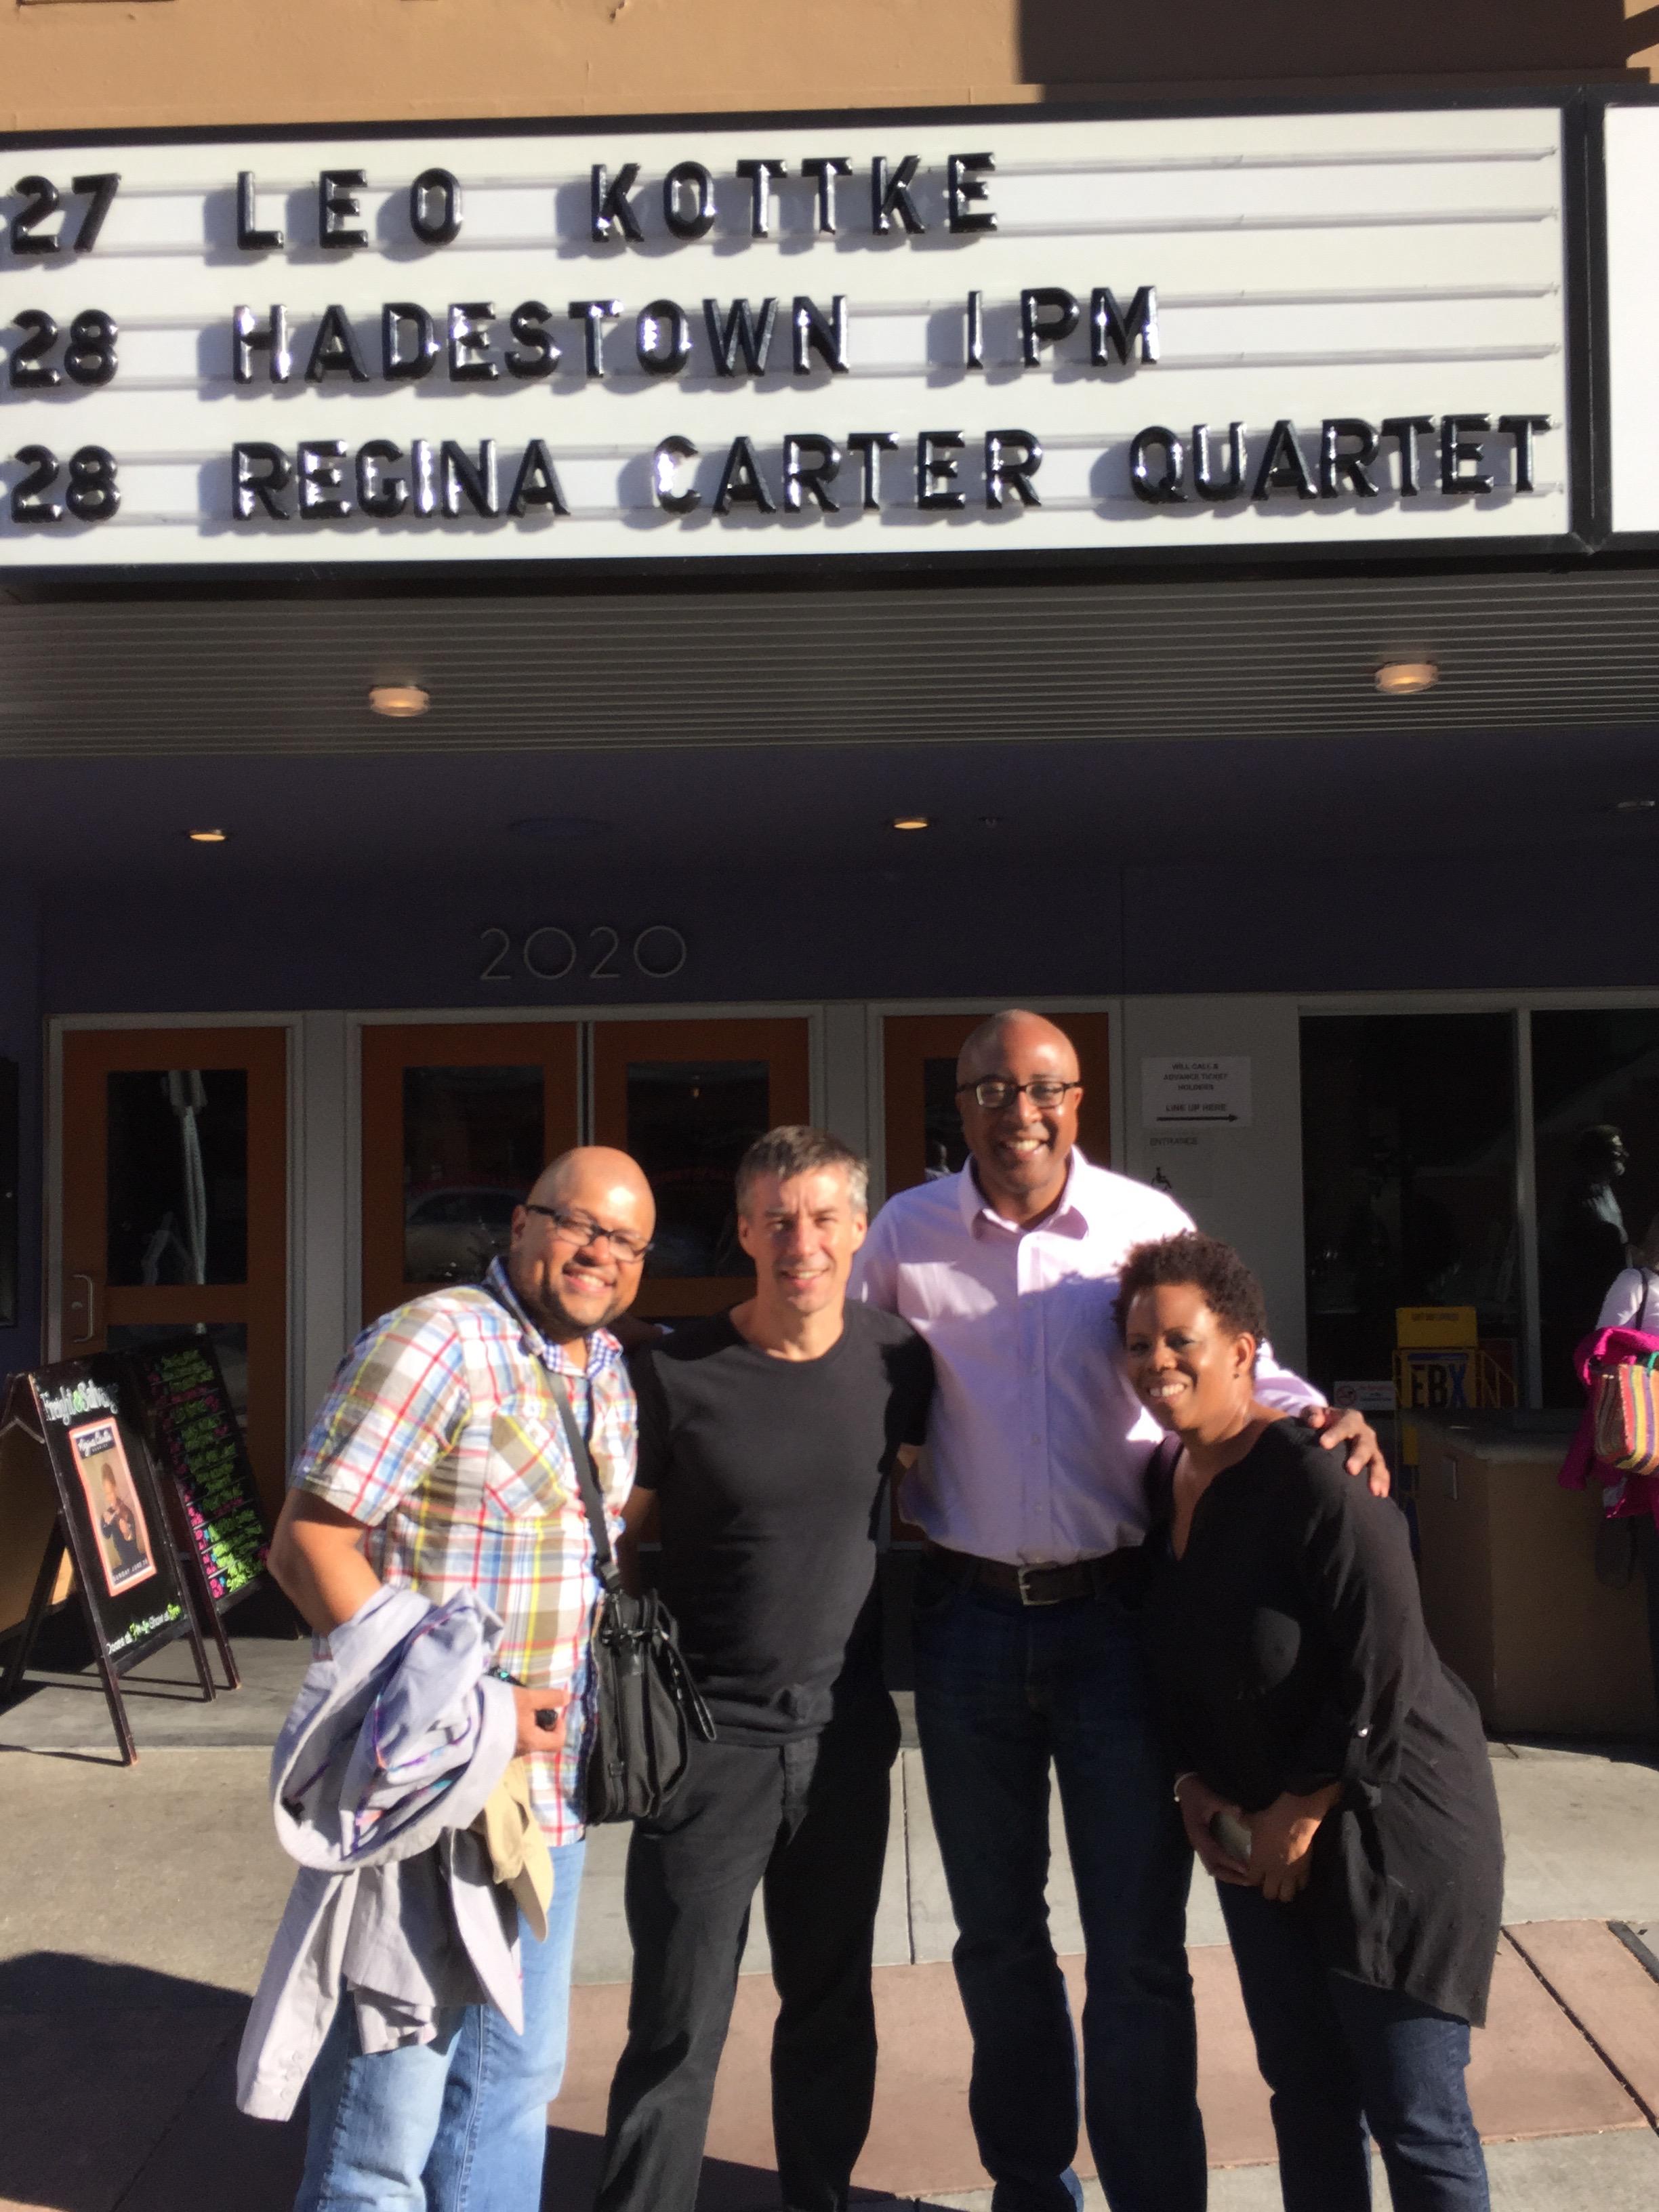 With Regina Carter's Band in Berkeley, CA